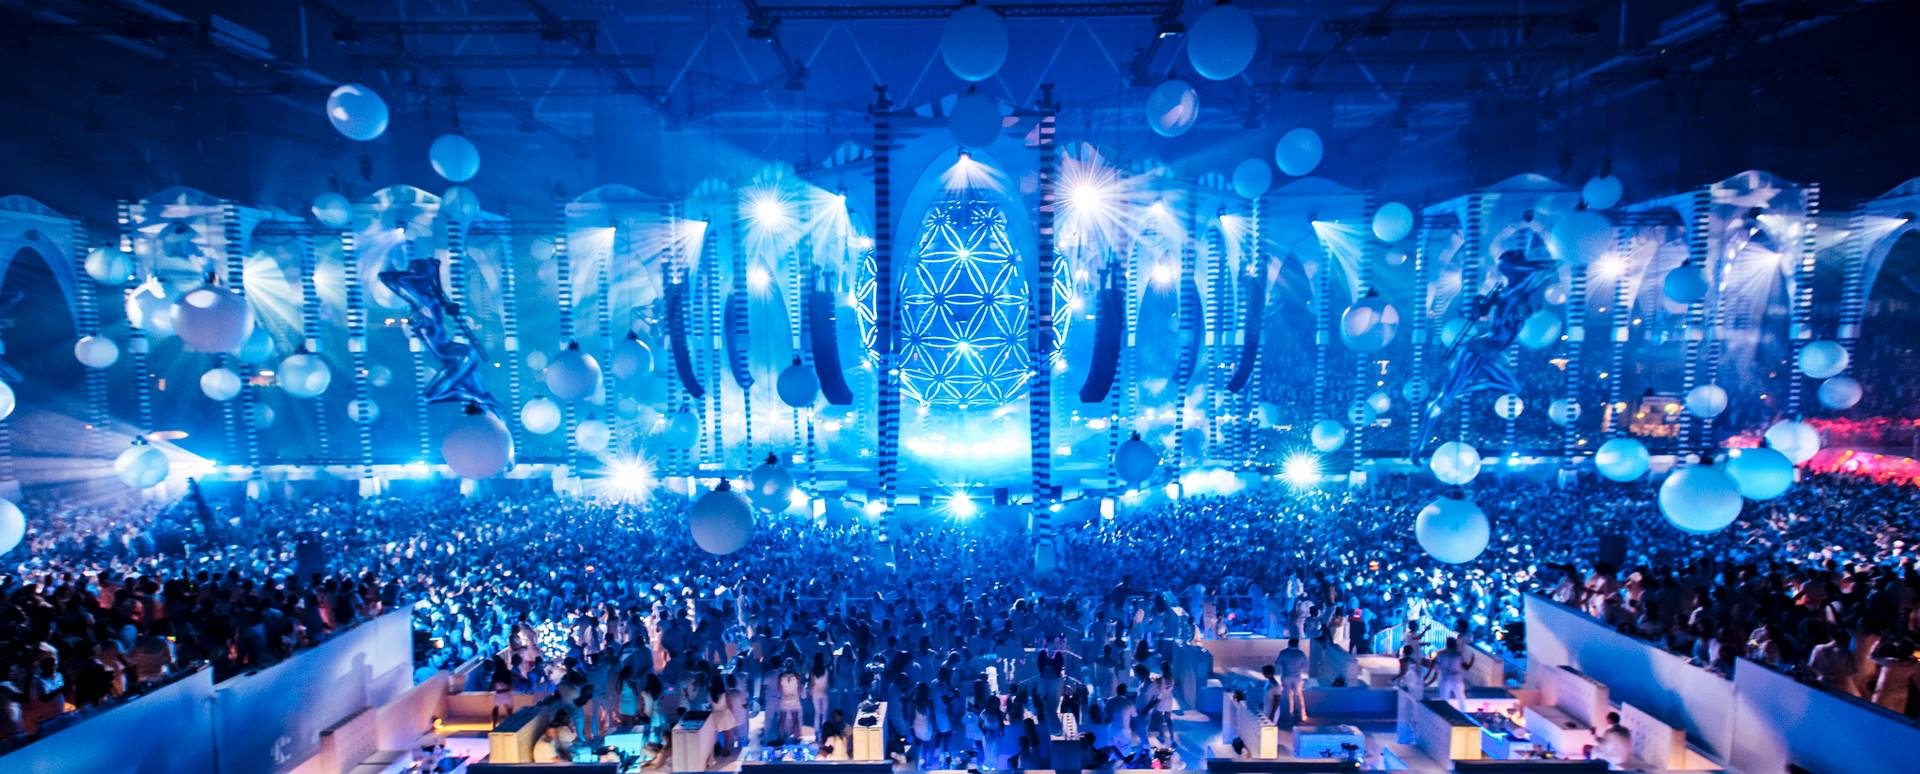 Тур из Украины в Амстердам на Sensation 'Beyond' 2020